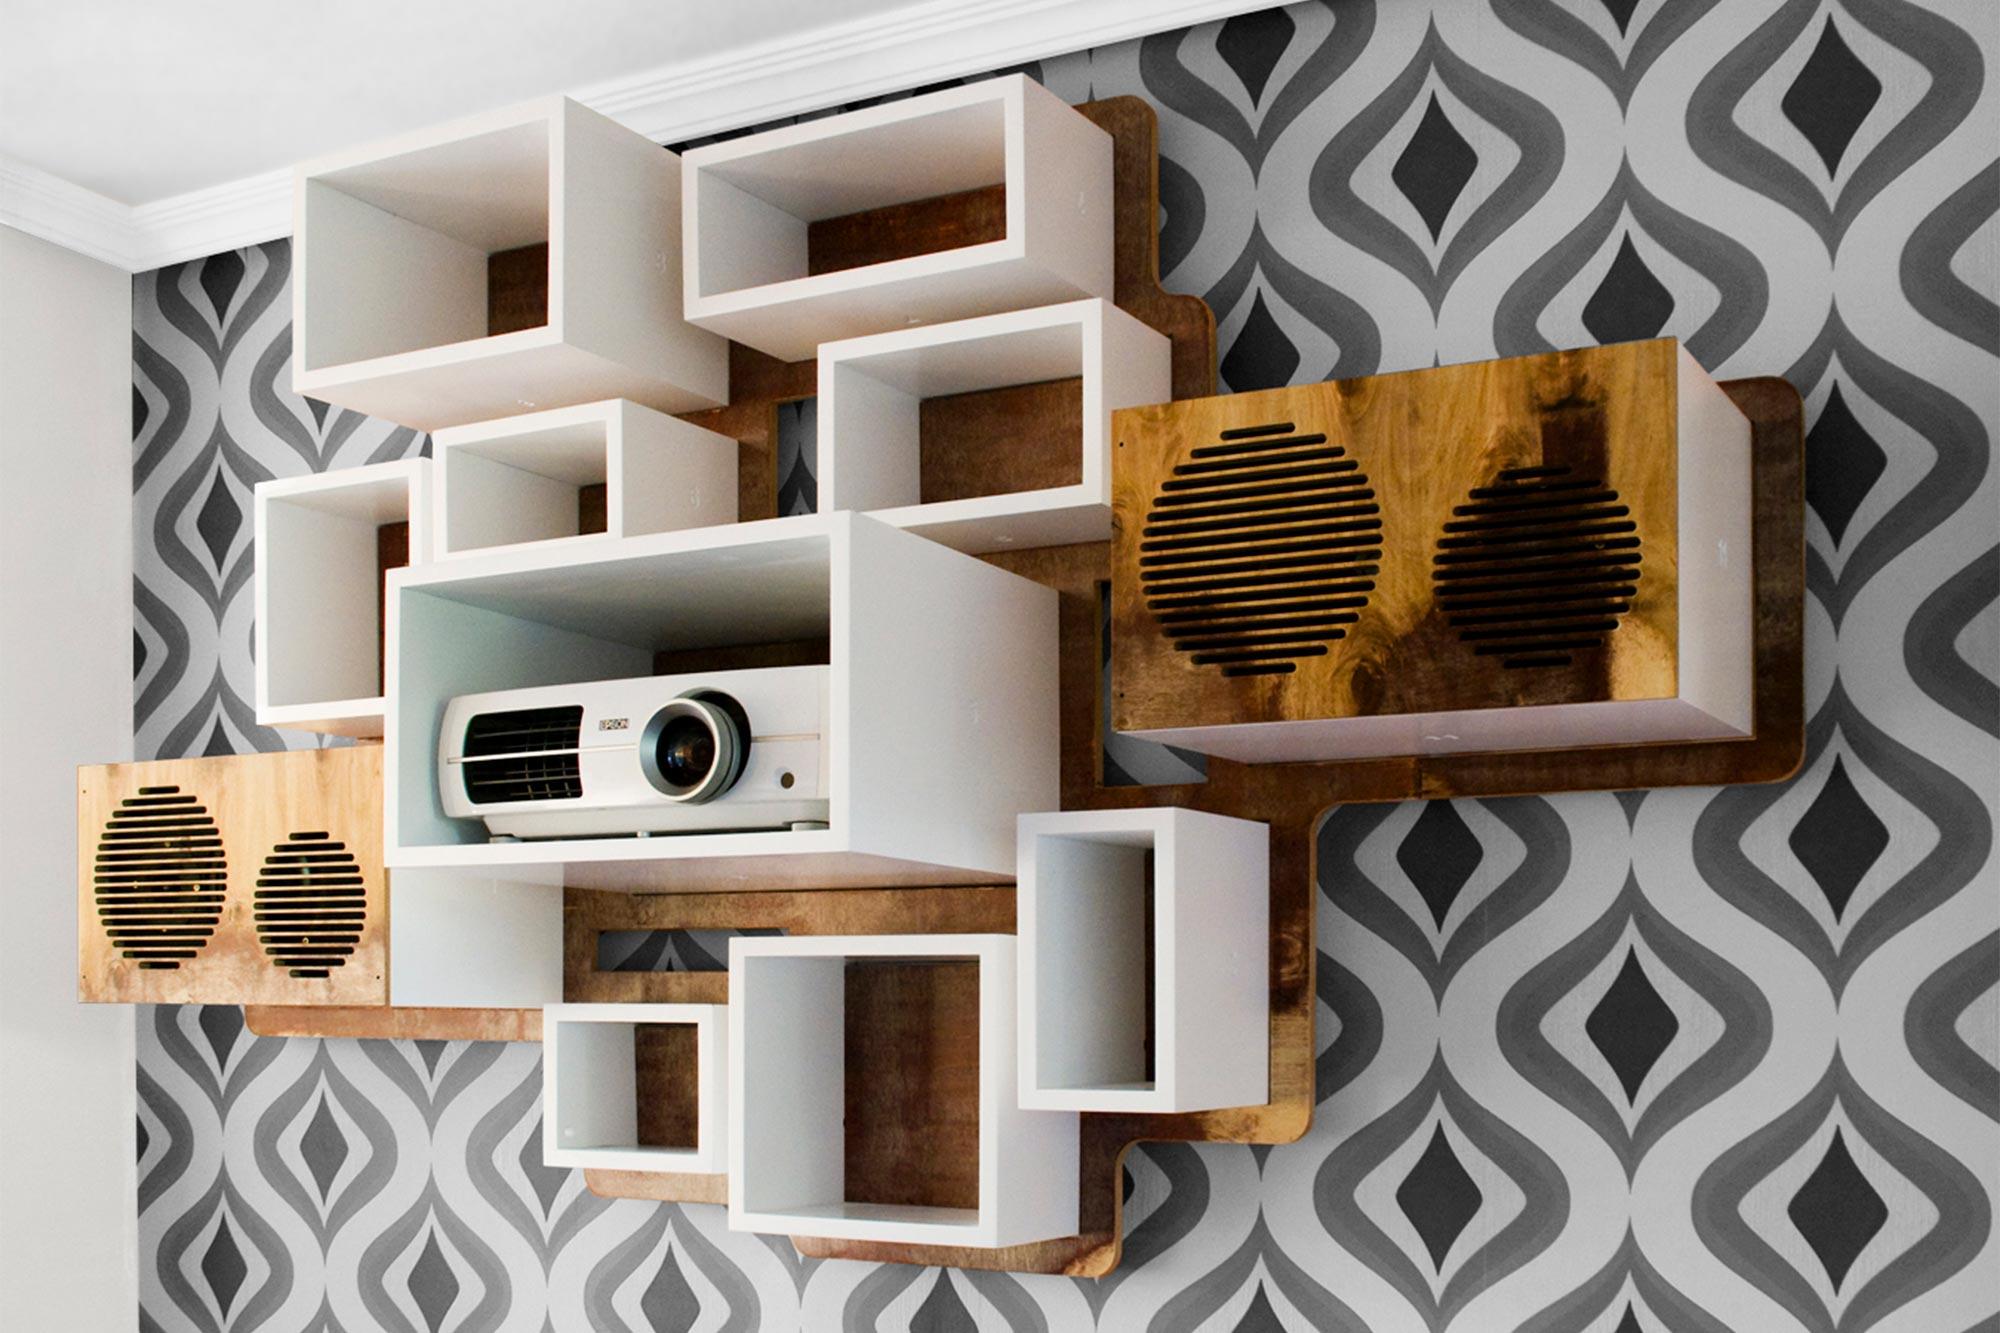 Estanteria-Kubik_-Diseño-_-EXarchitects_02